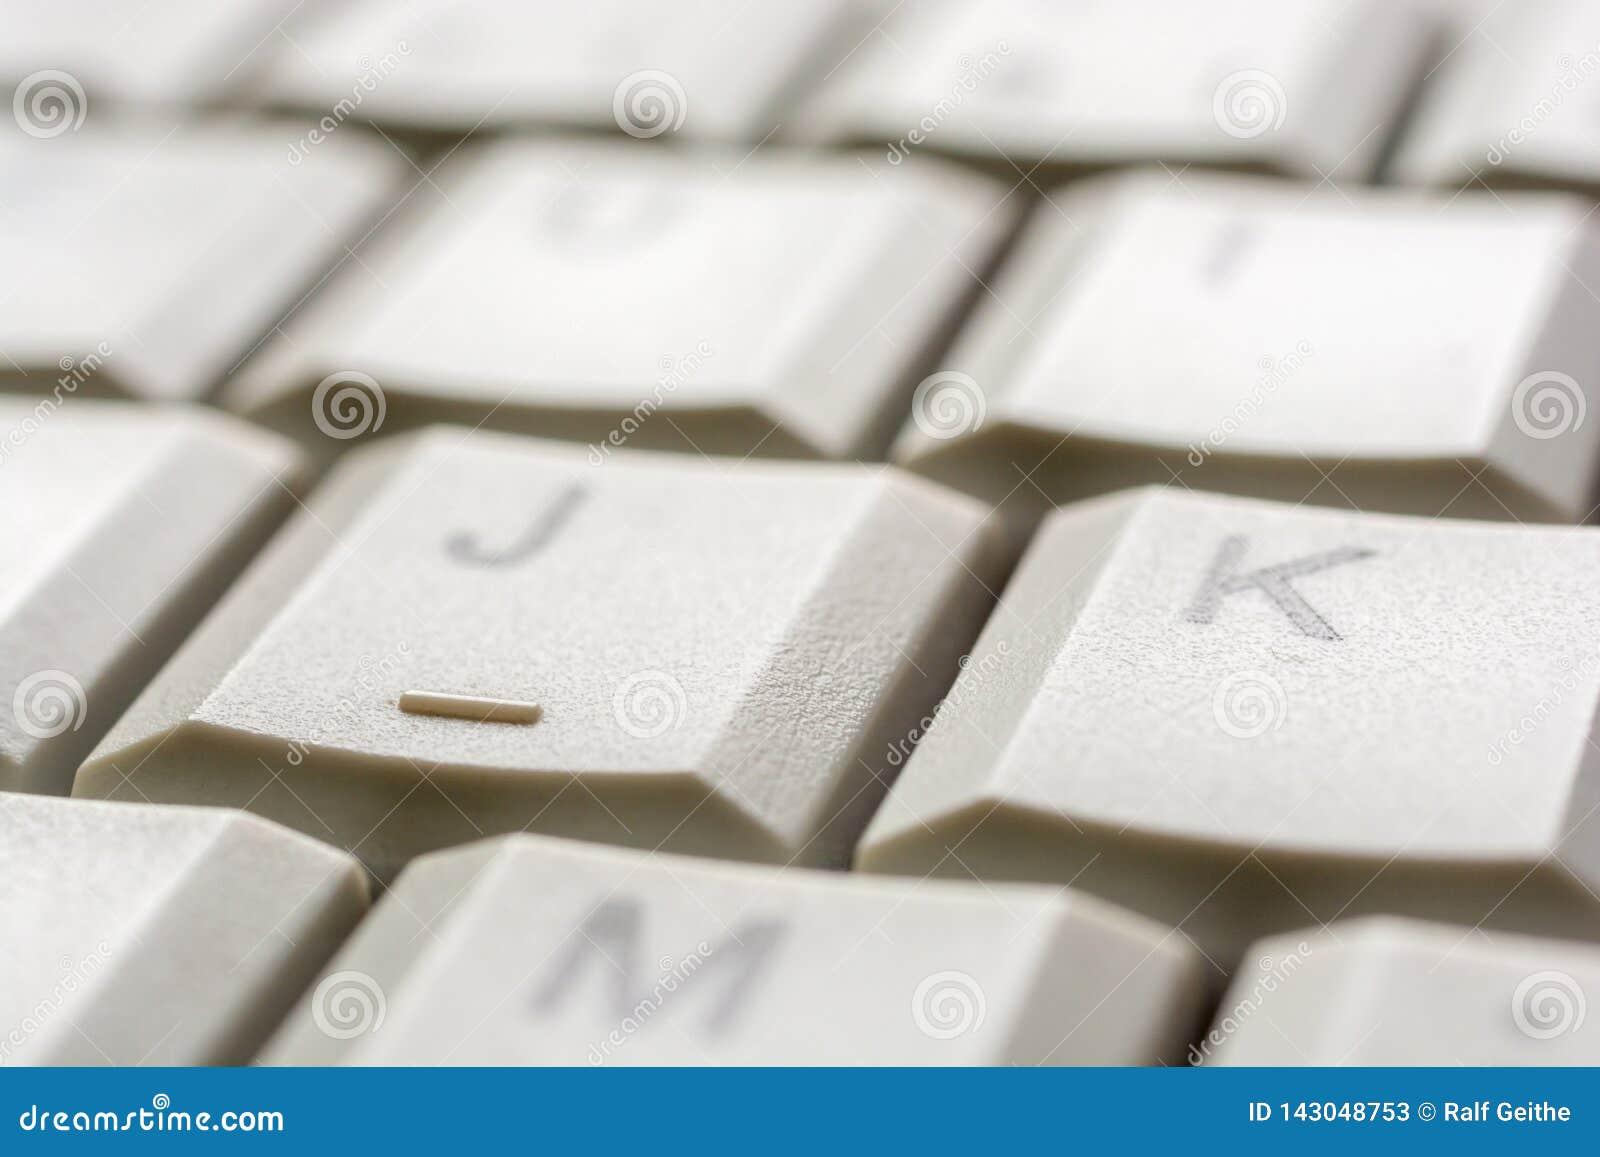 Avaliação na chave de um teclado de computador como a ajuda da entrada